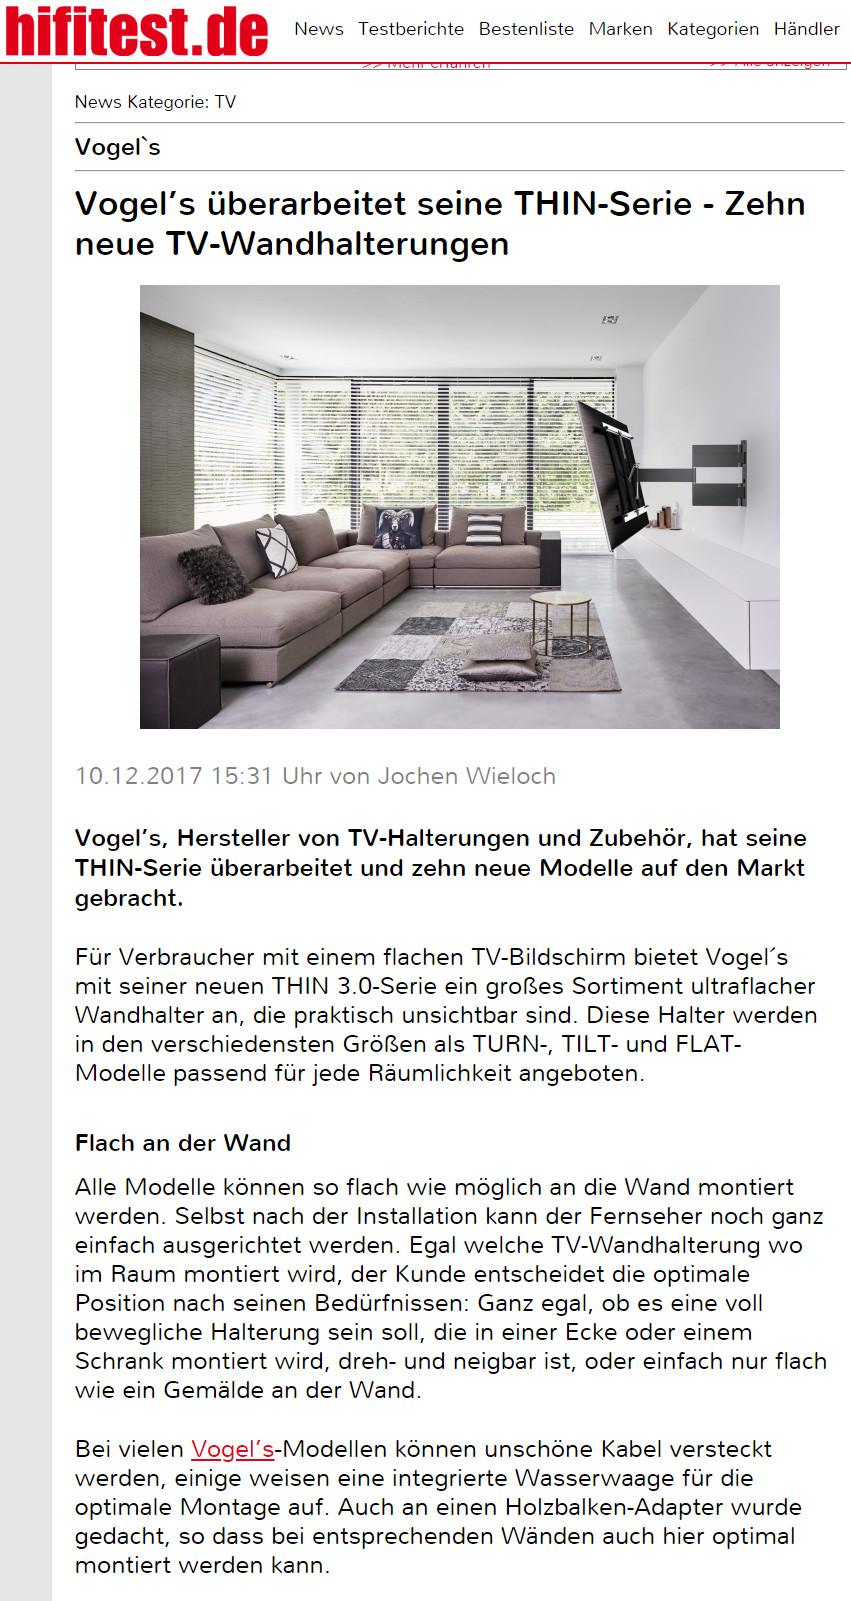 Presse Bericht bahnbrechende TV-Wandhalterungen Vogel's